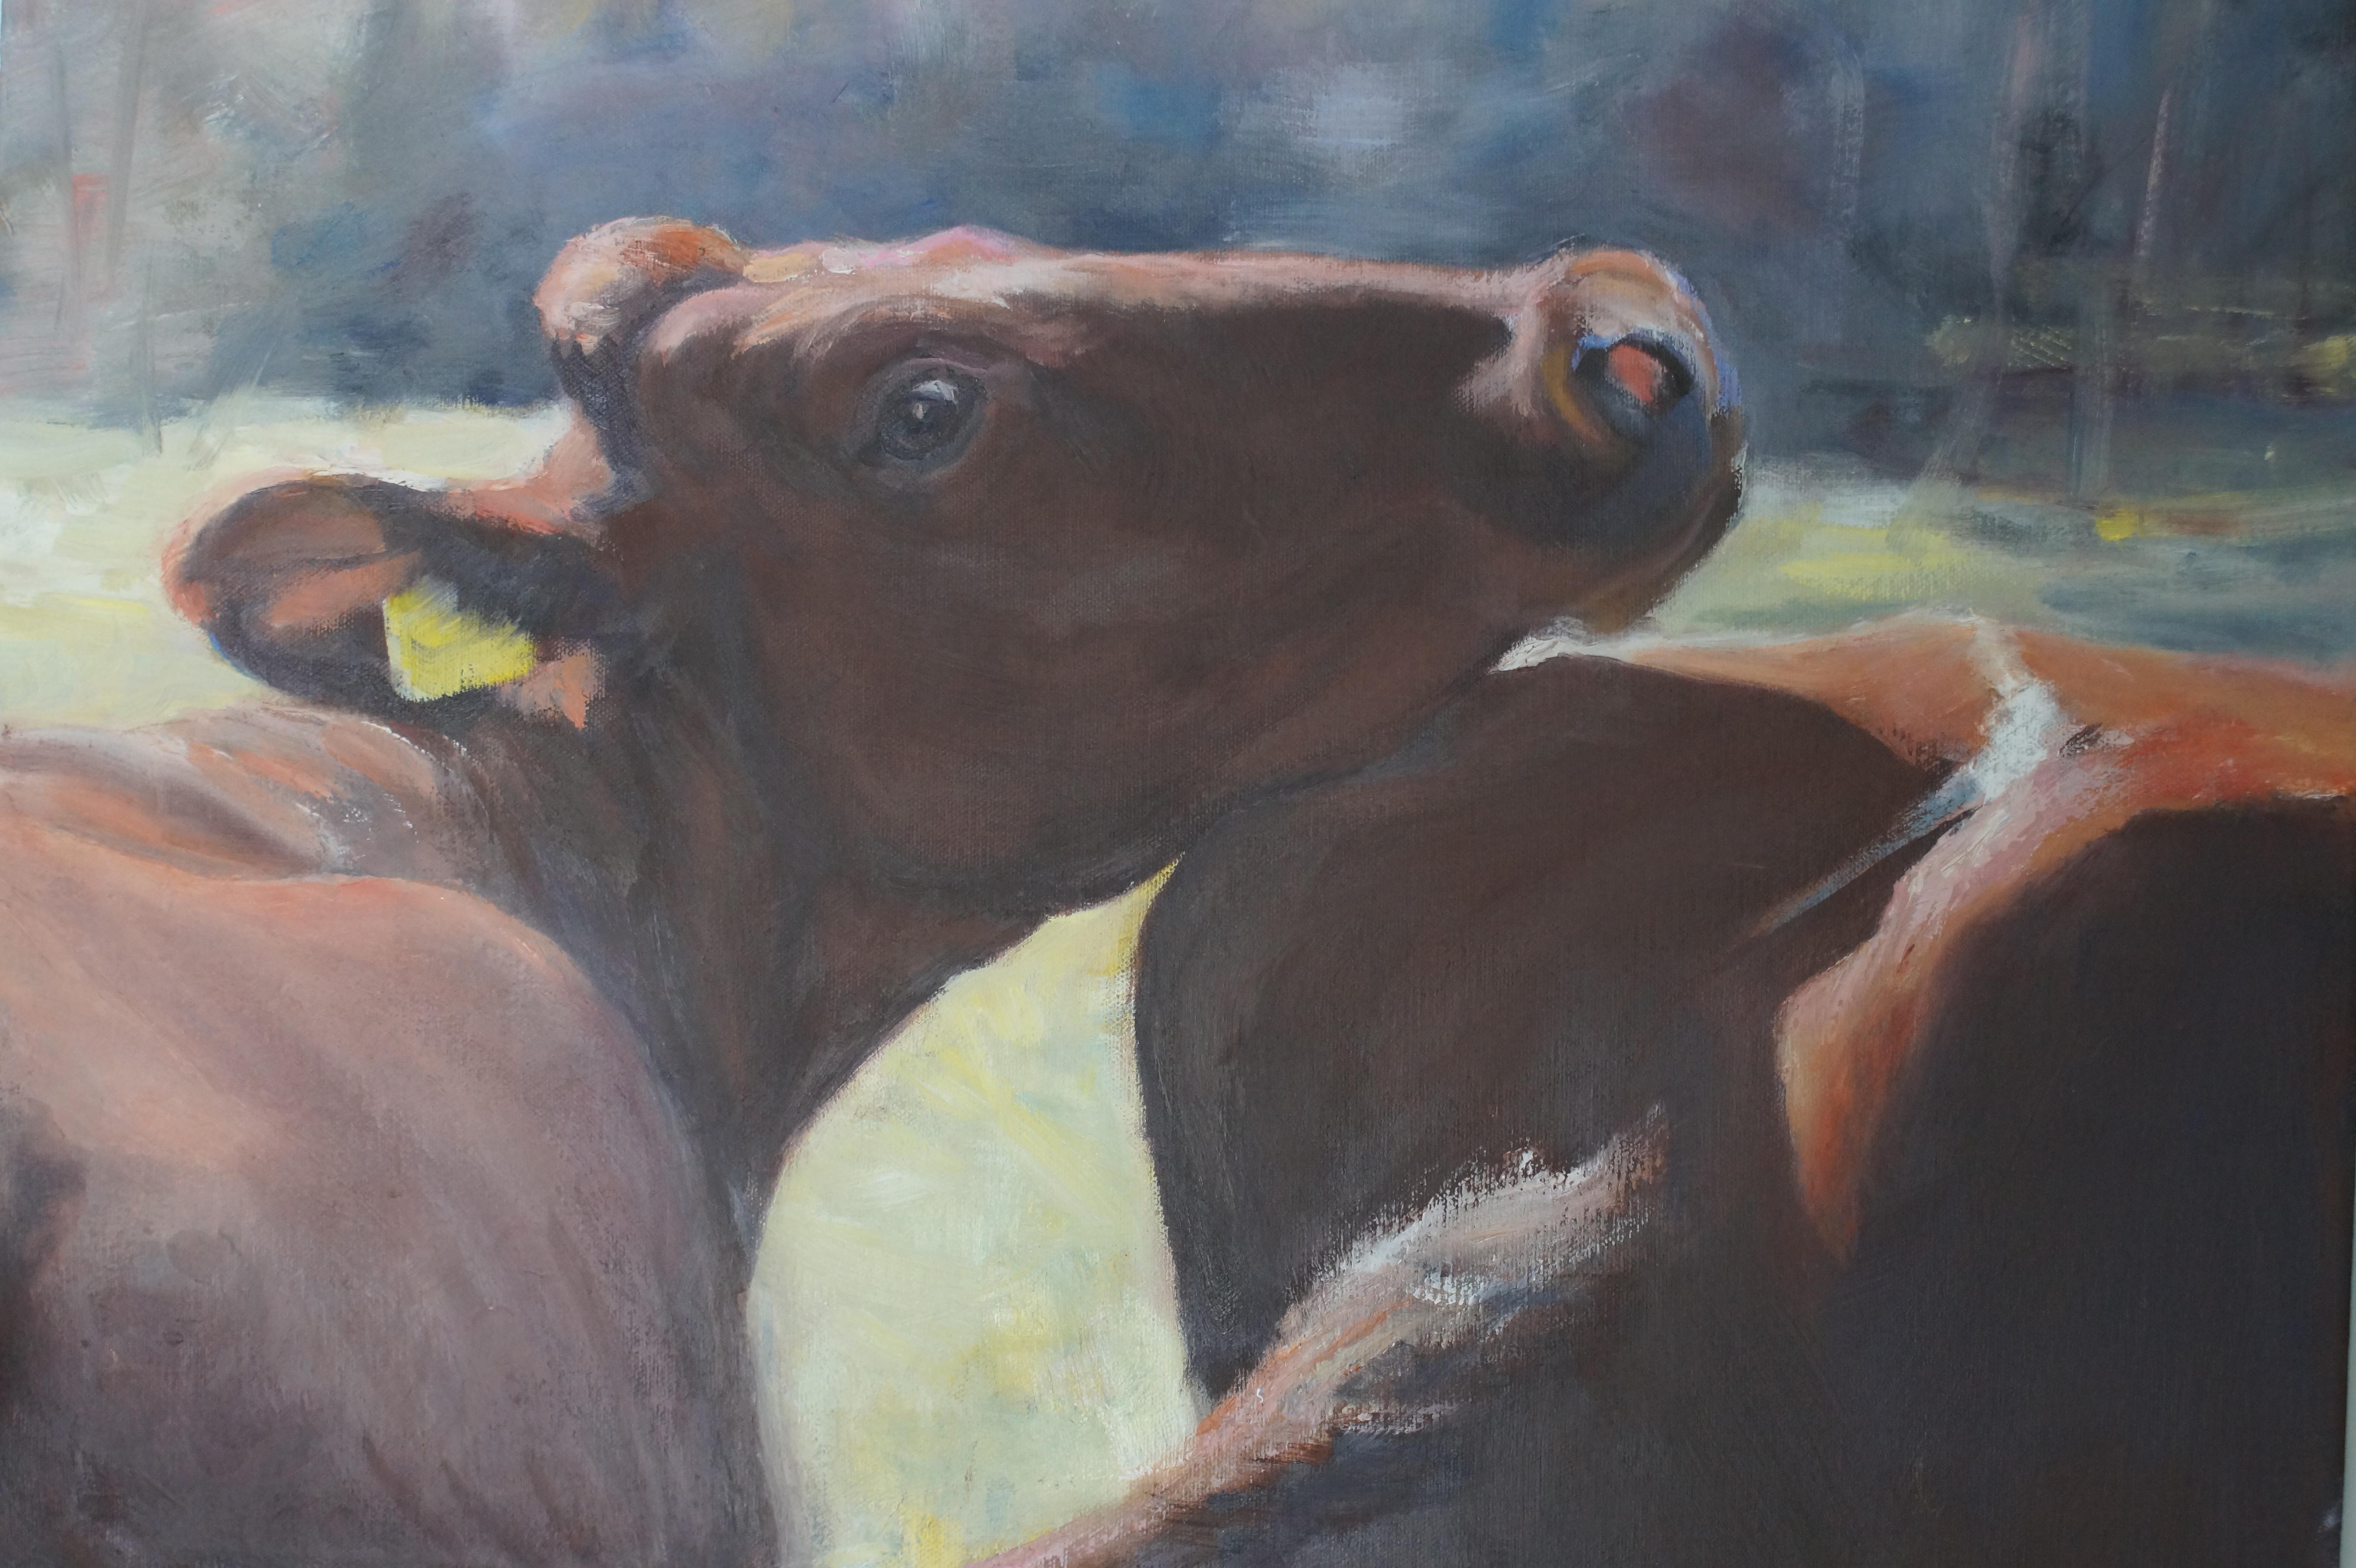 Oljemålning, Koblick Inger Sundberg